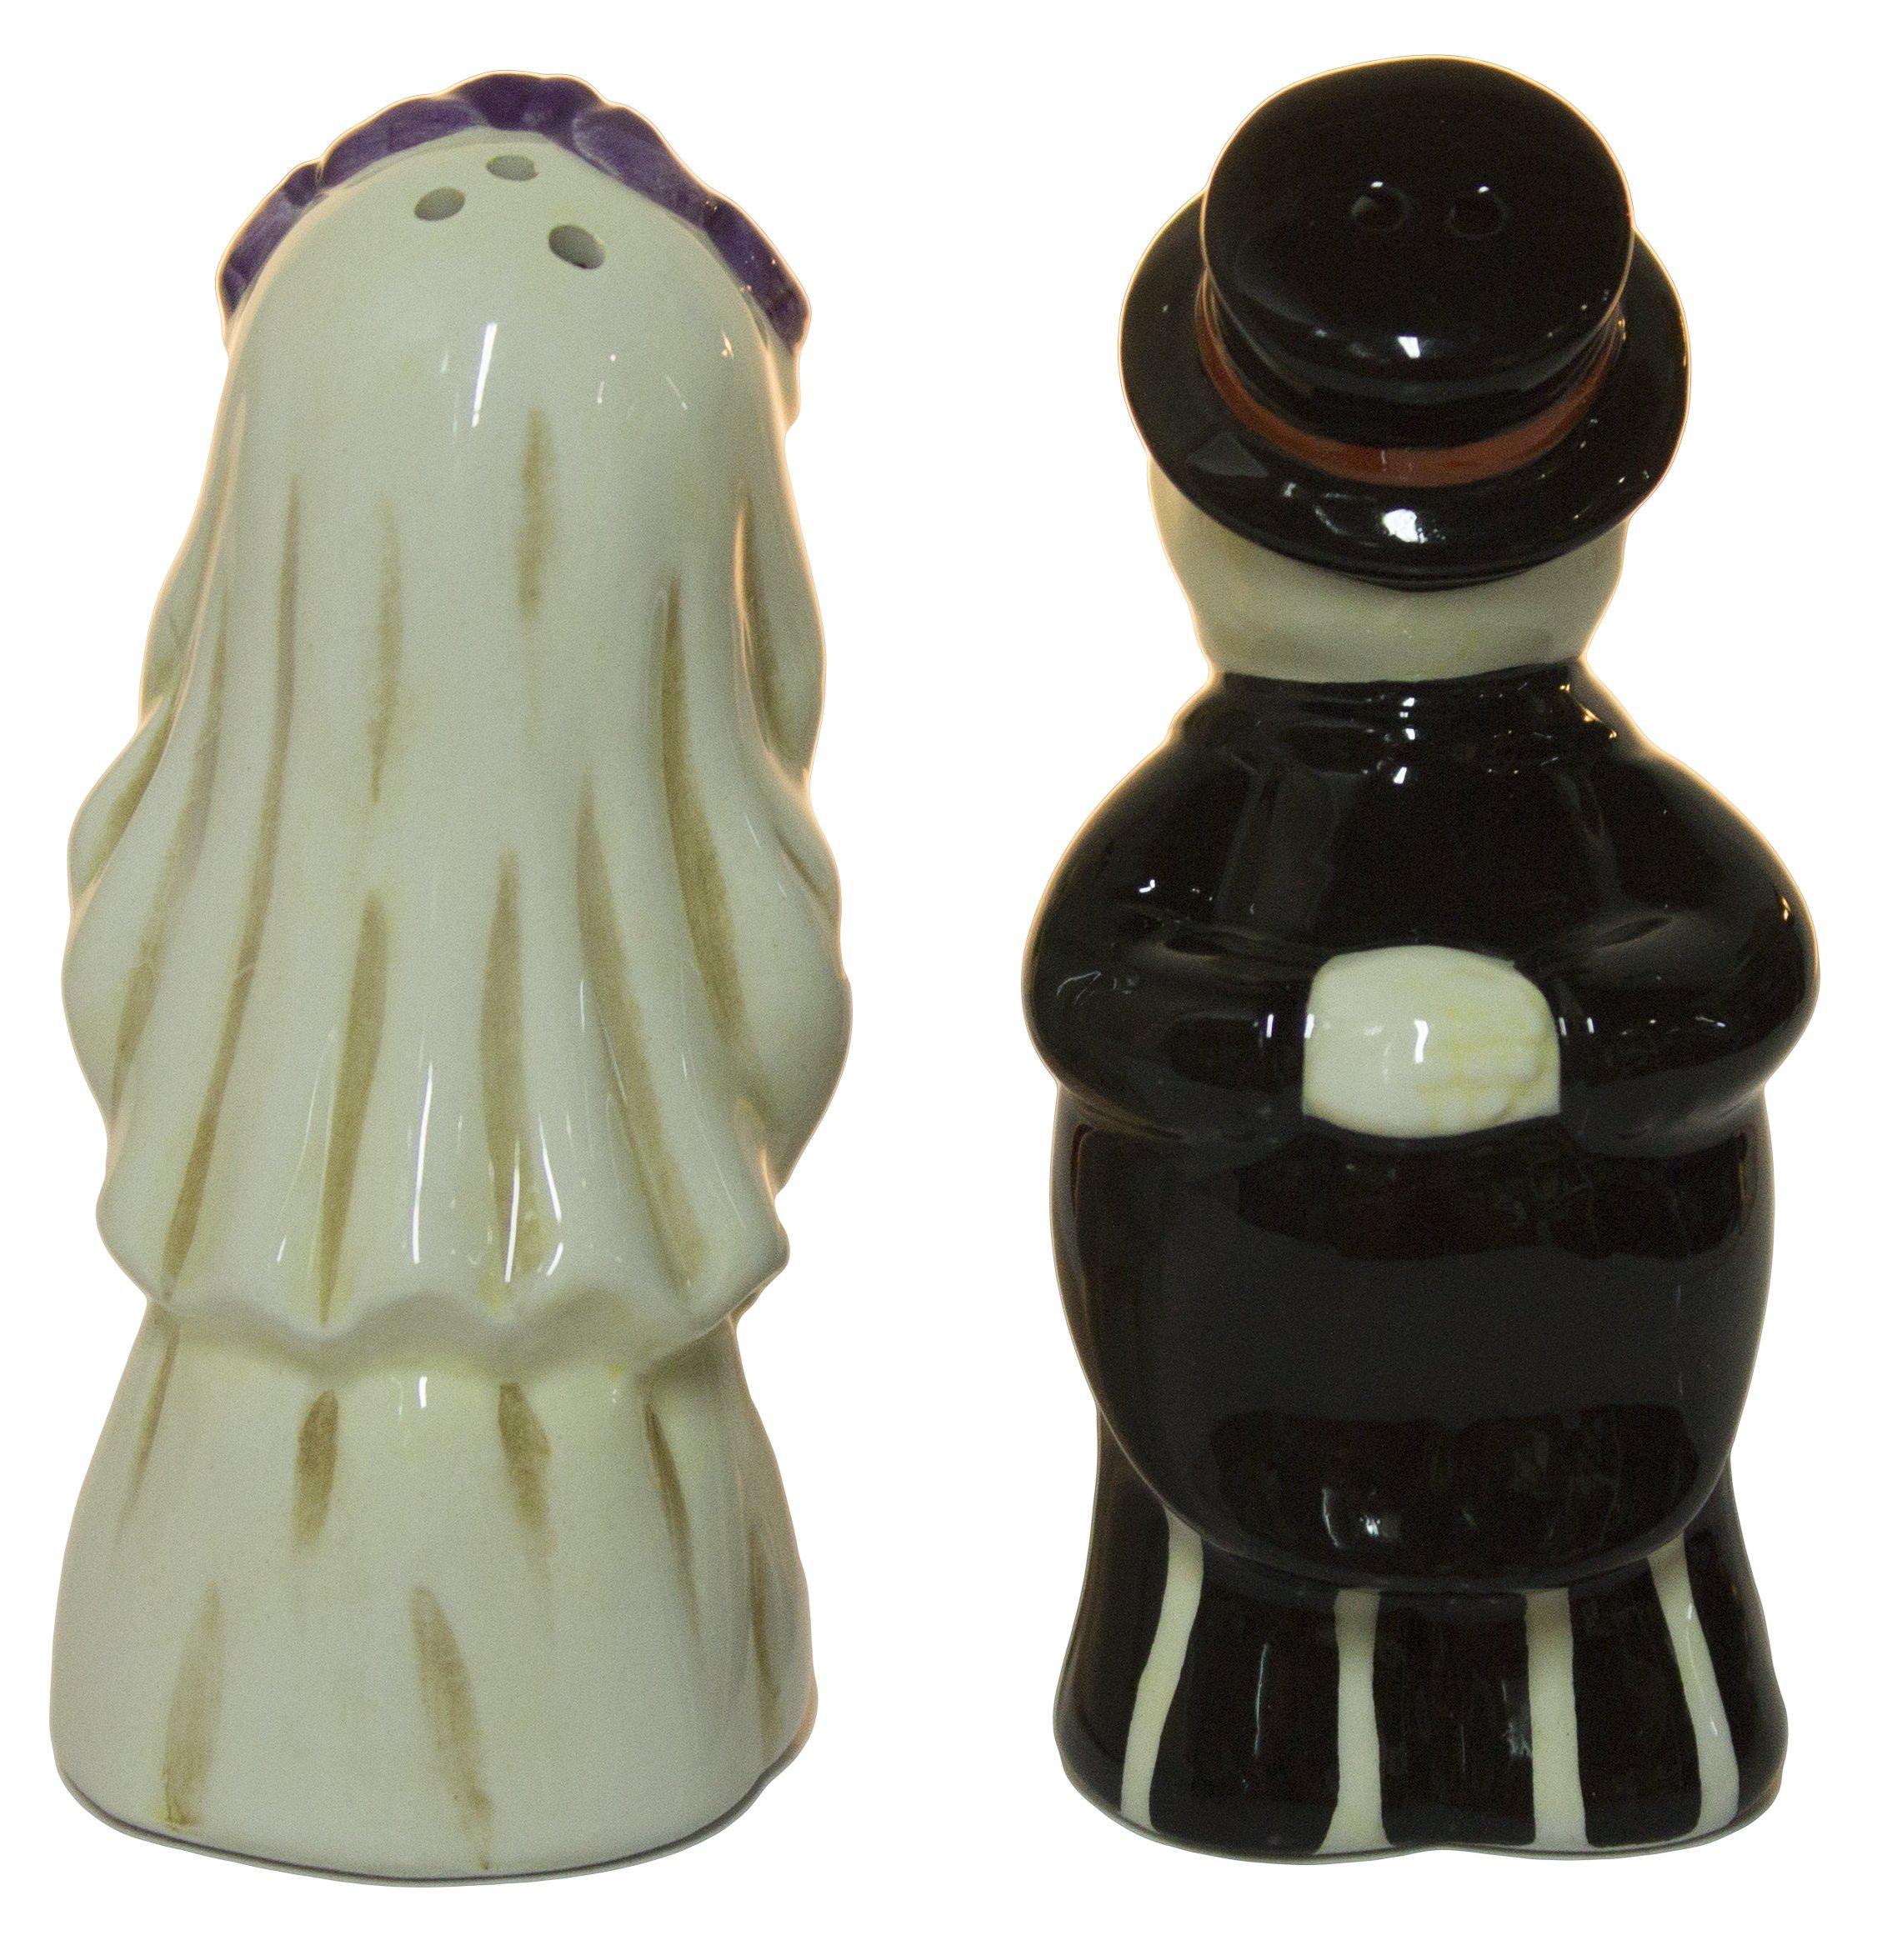 Ganz Skeleton Bride and Groom Magnetic Ceramic Salt and Pepper Shakers